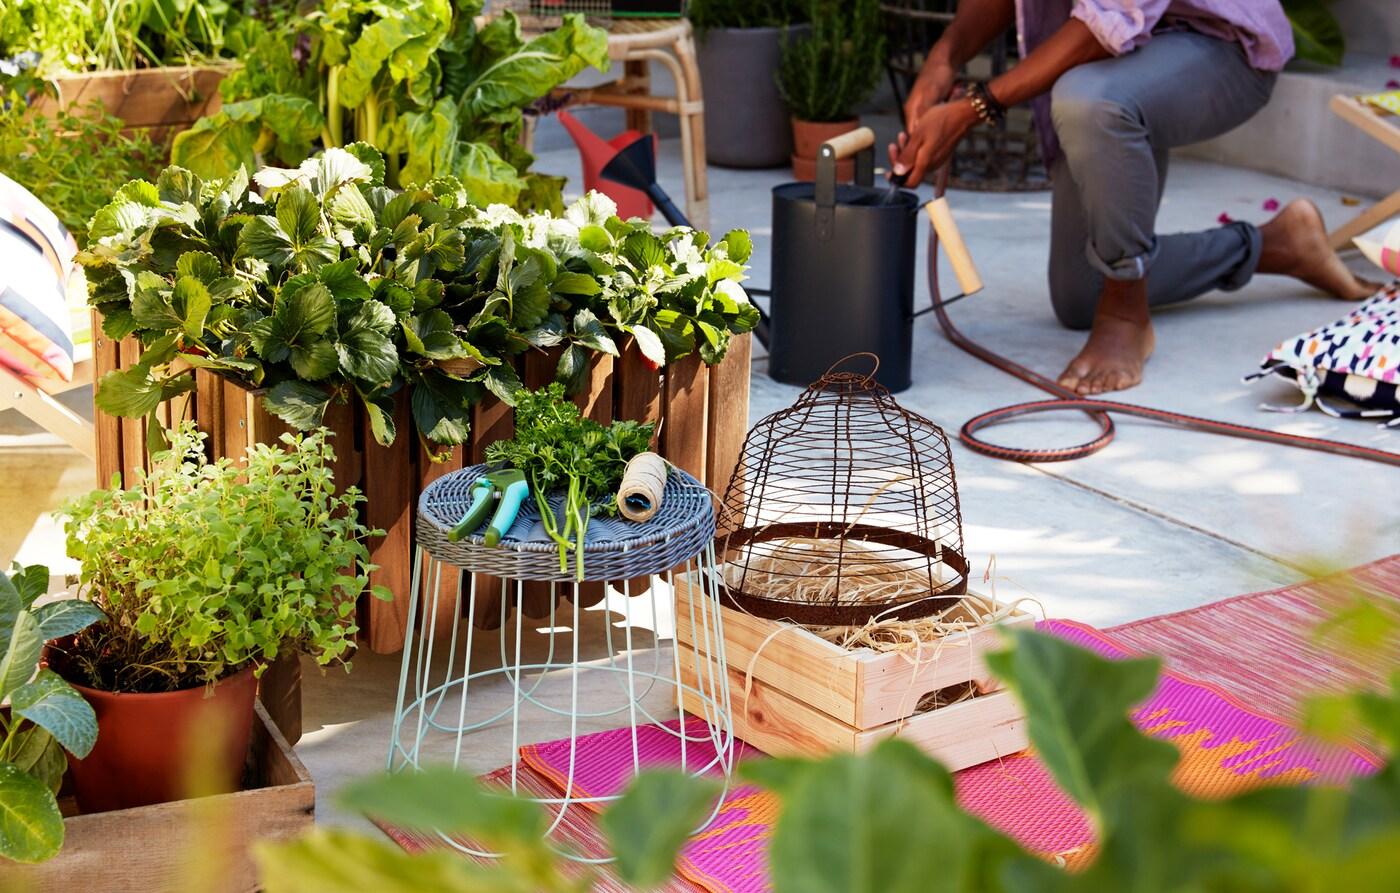 Velká dřevěná bedýnka s květinami, vedle jsou koberce, stolička a zahradní náčiní¨